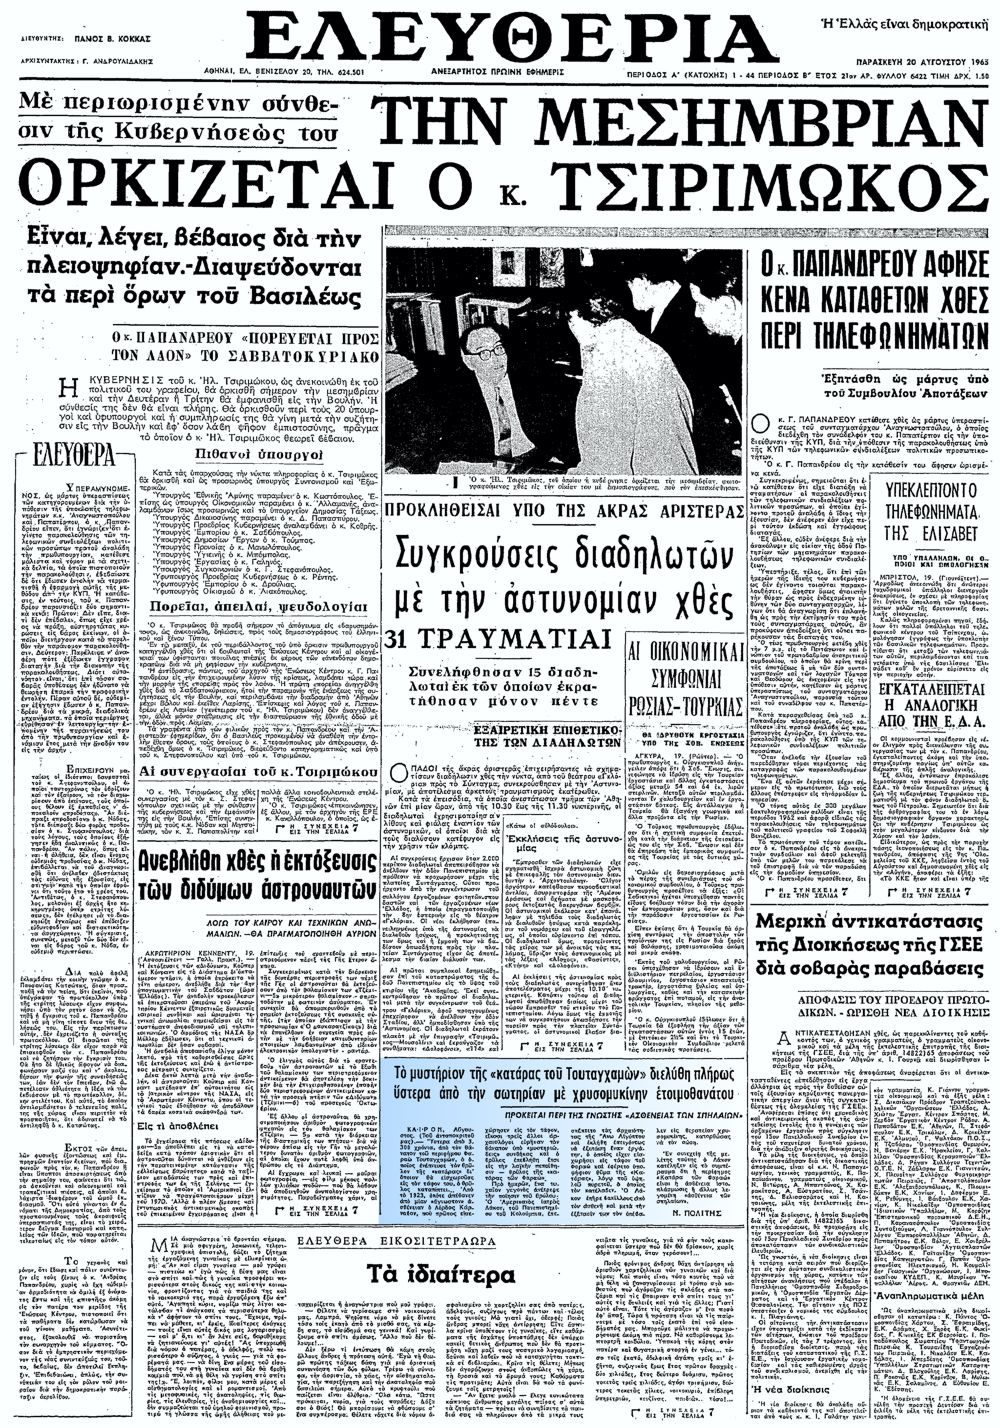 """Το άρθρο, όπως δημοσιεύθηκε στην εφημερίδα """"ΕΛΕΥΘΕΡΙΑ"""", στις 20/08/1965"""